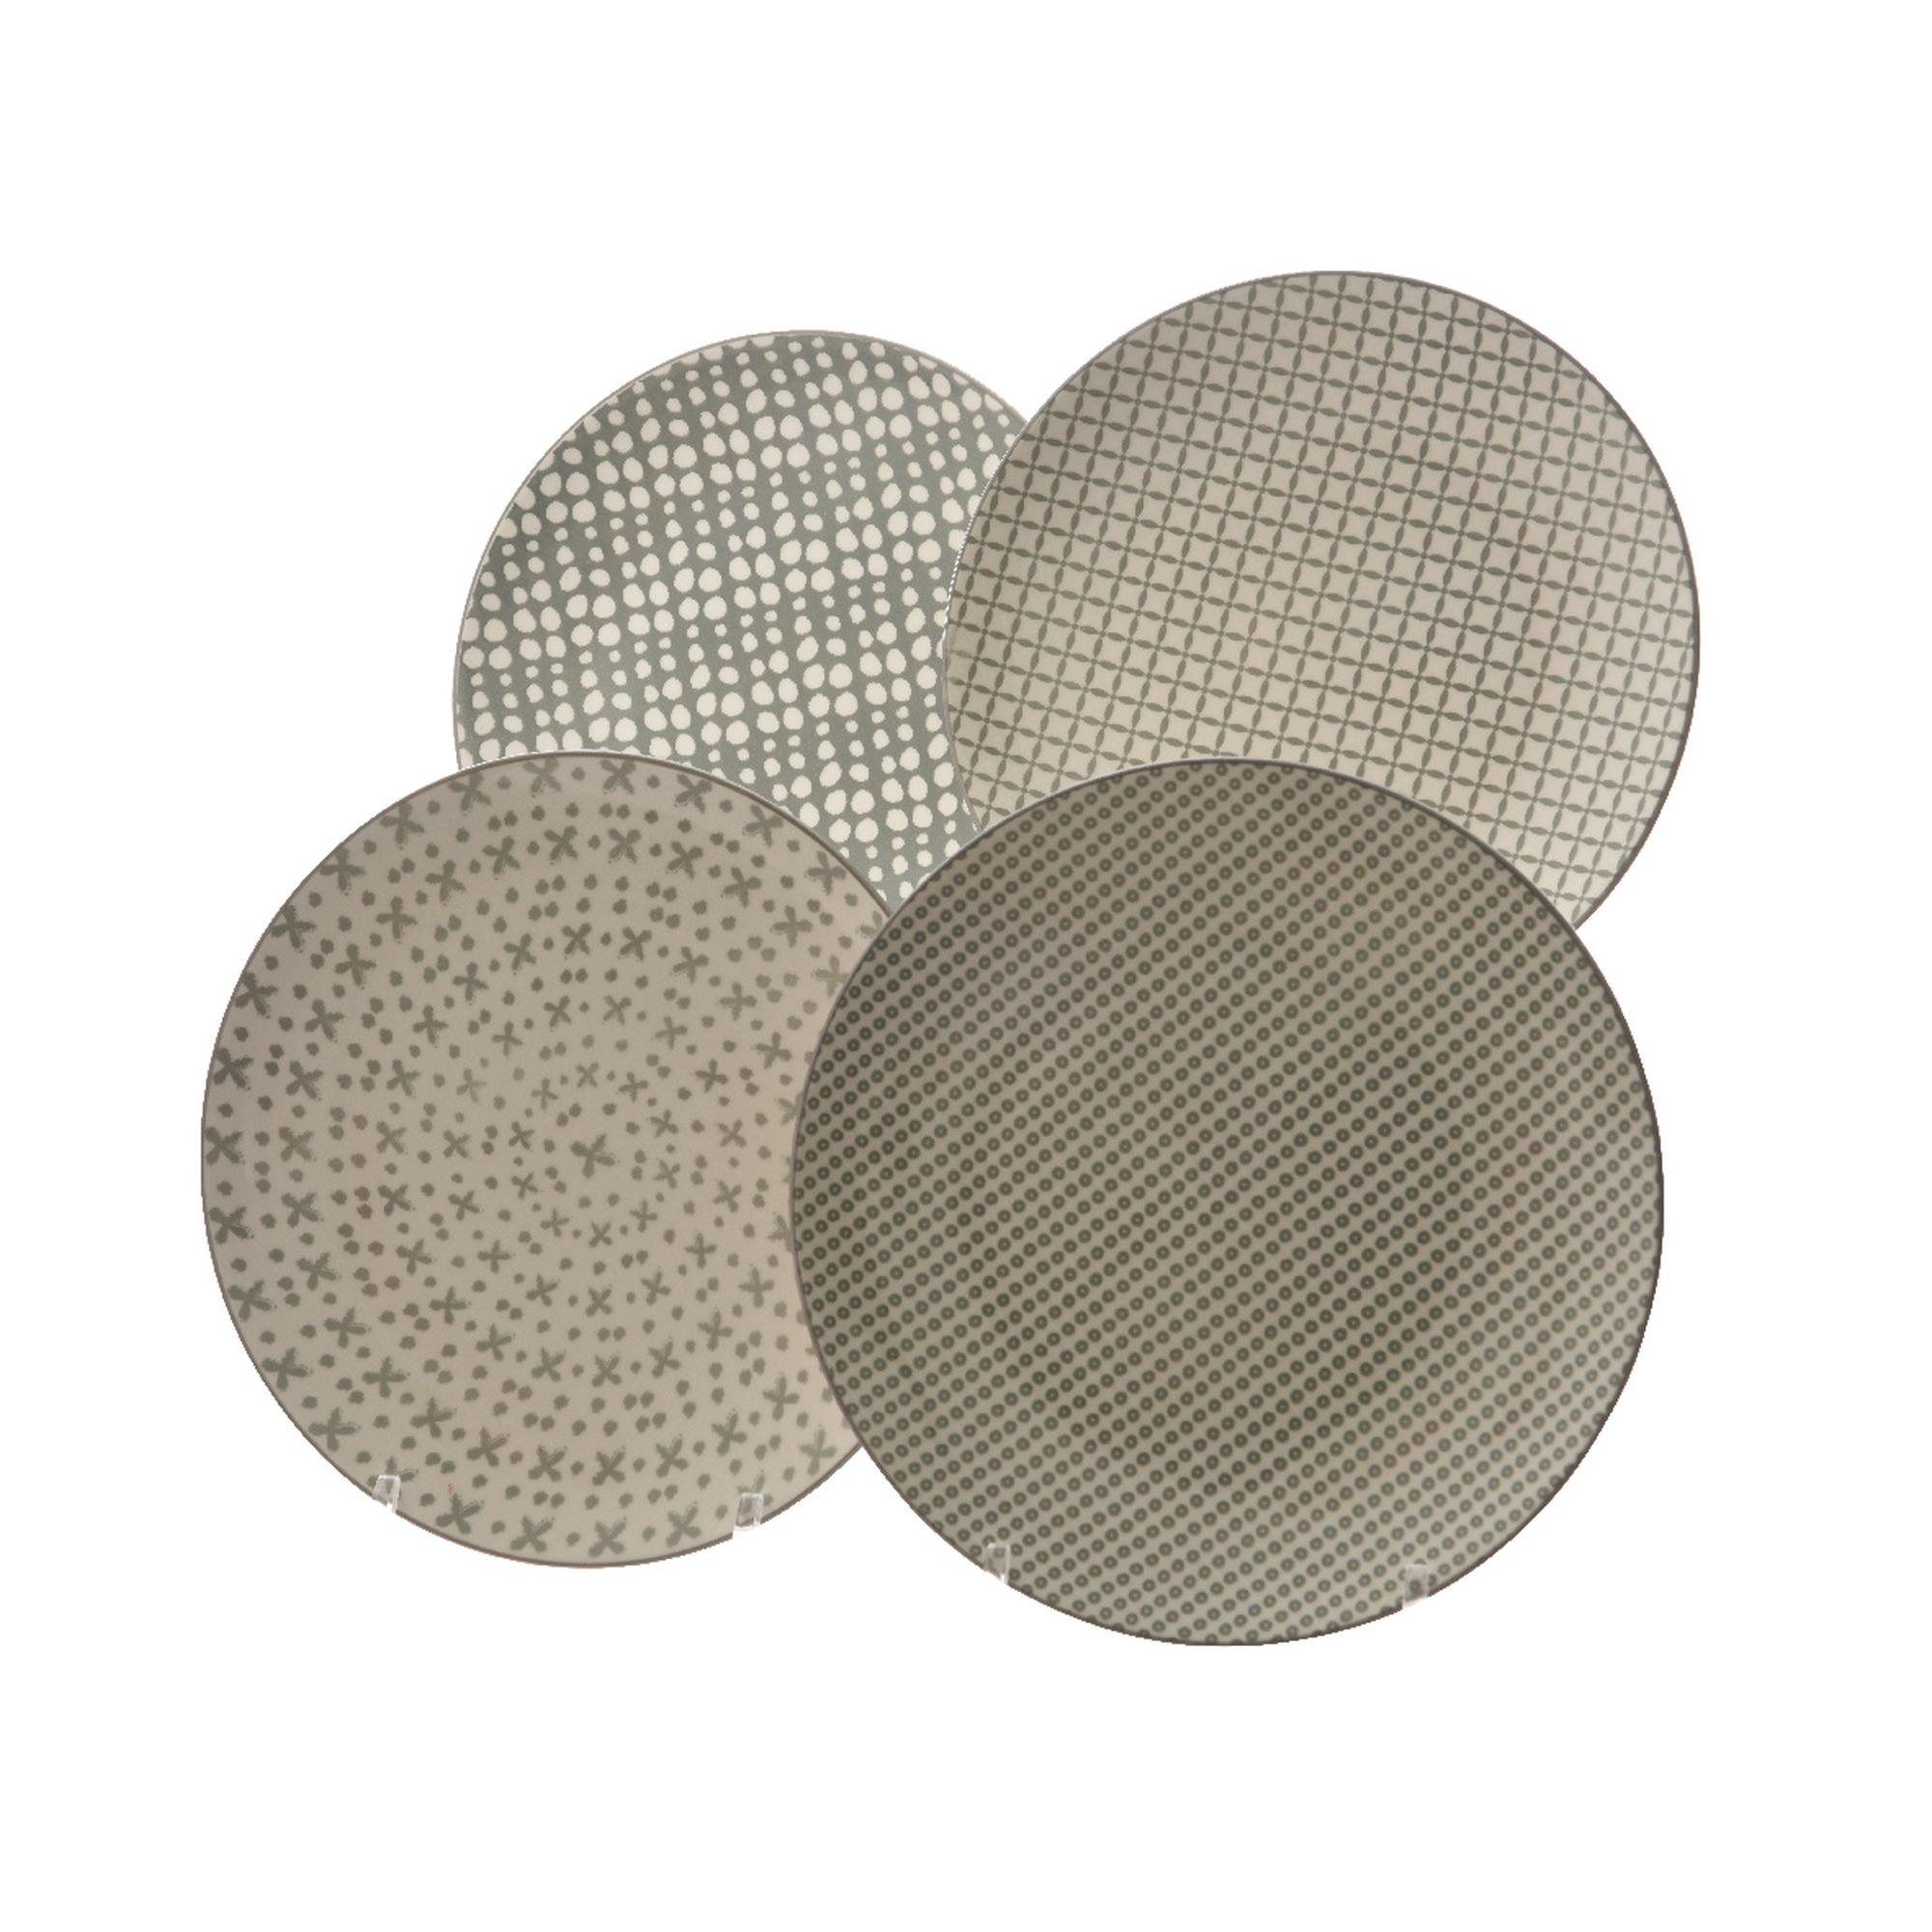 Bord porselein grijs print 22 cm keukenaccessoires huishoudelijk karwei - Porselein vloeren ...